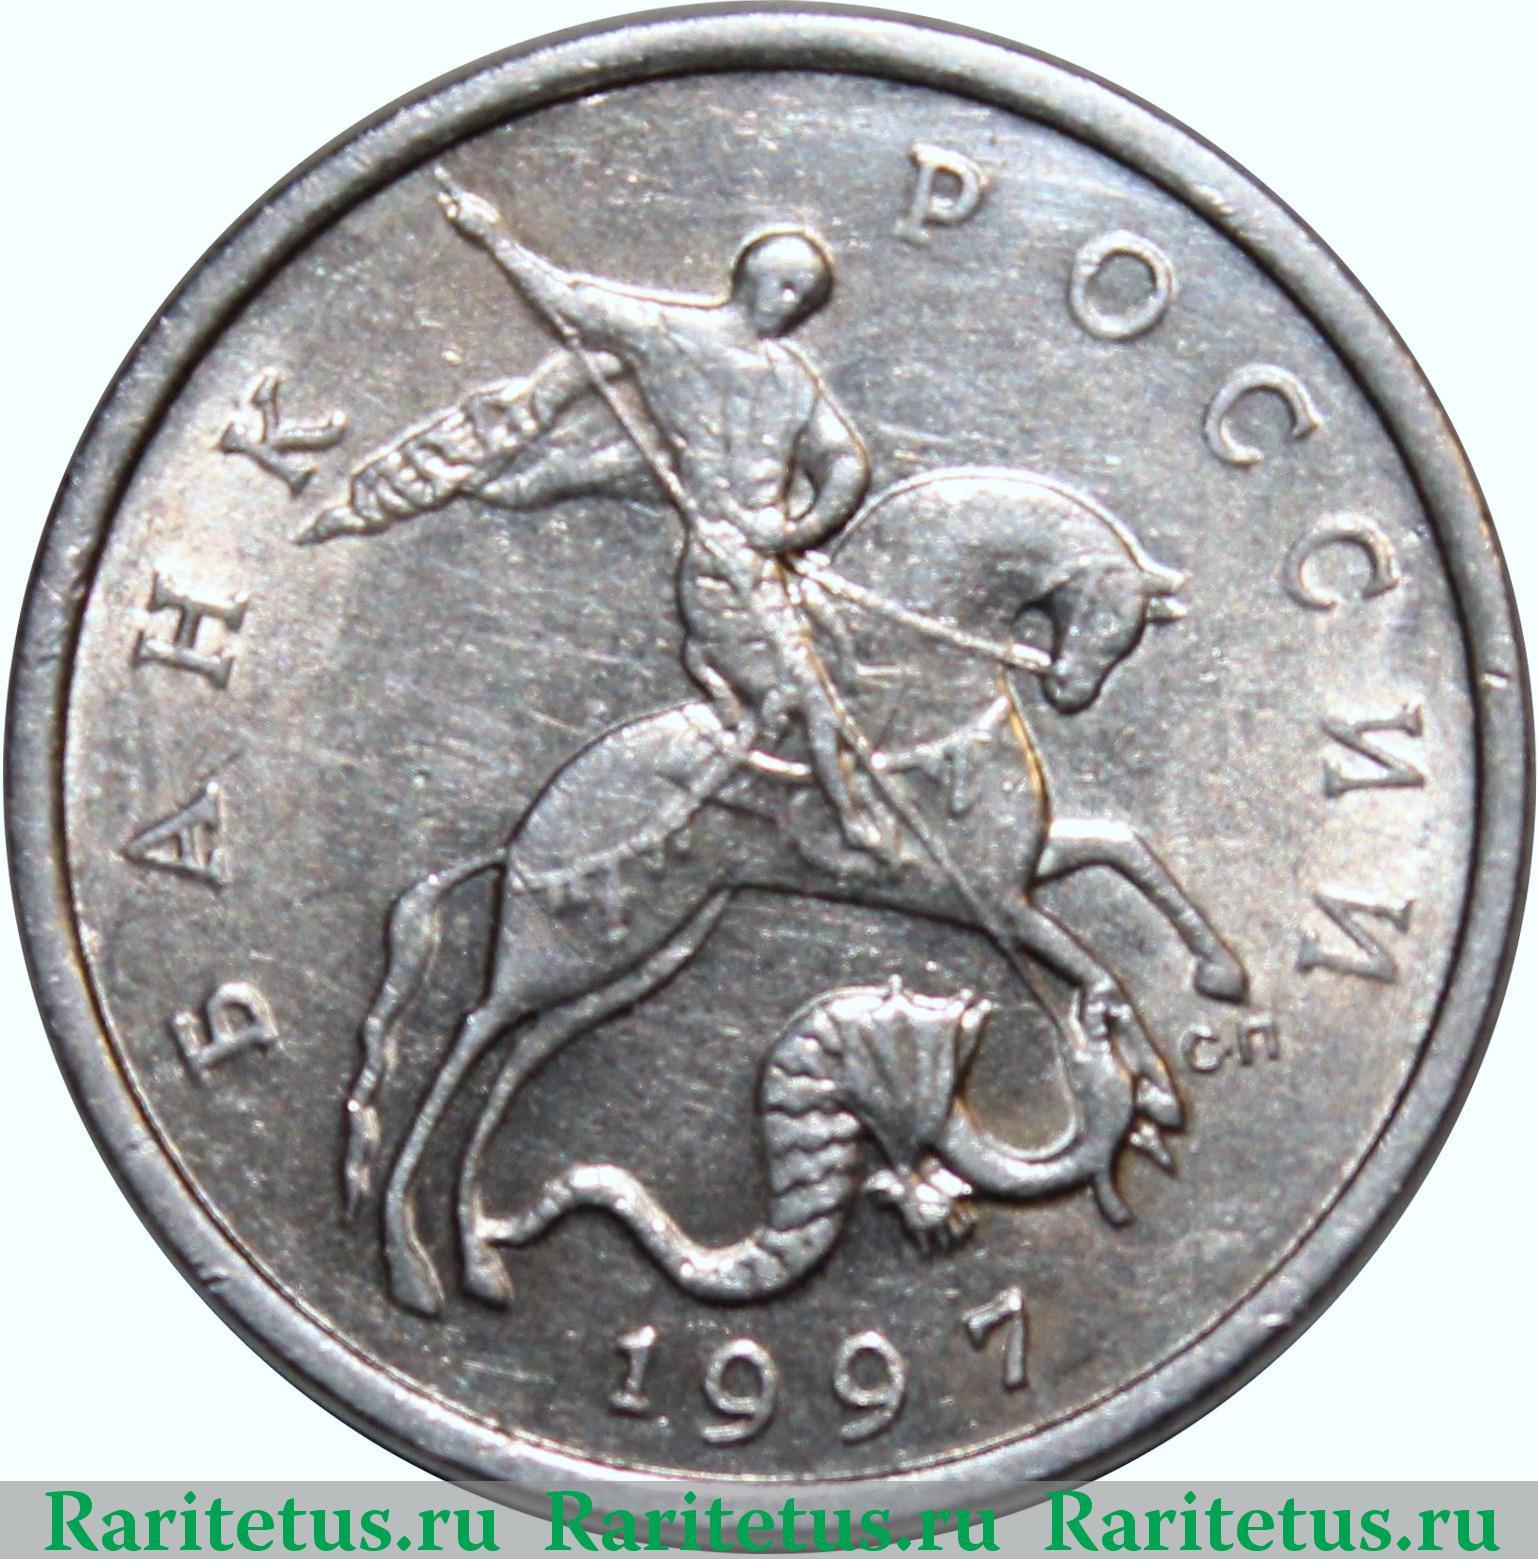 5 коп 1997 года цена монеты 1 рубль 1921 1926 годы каталог цены